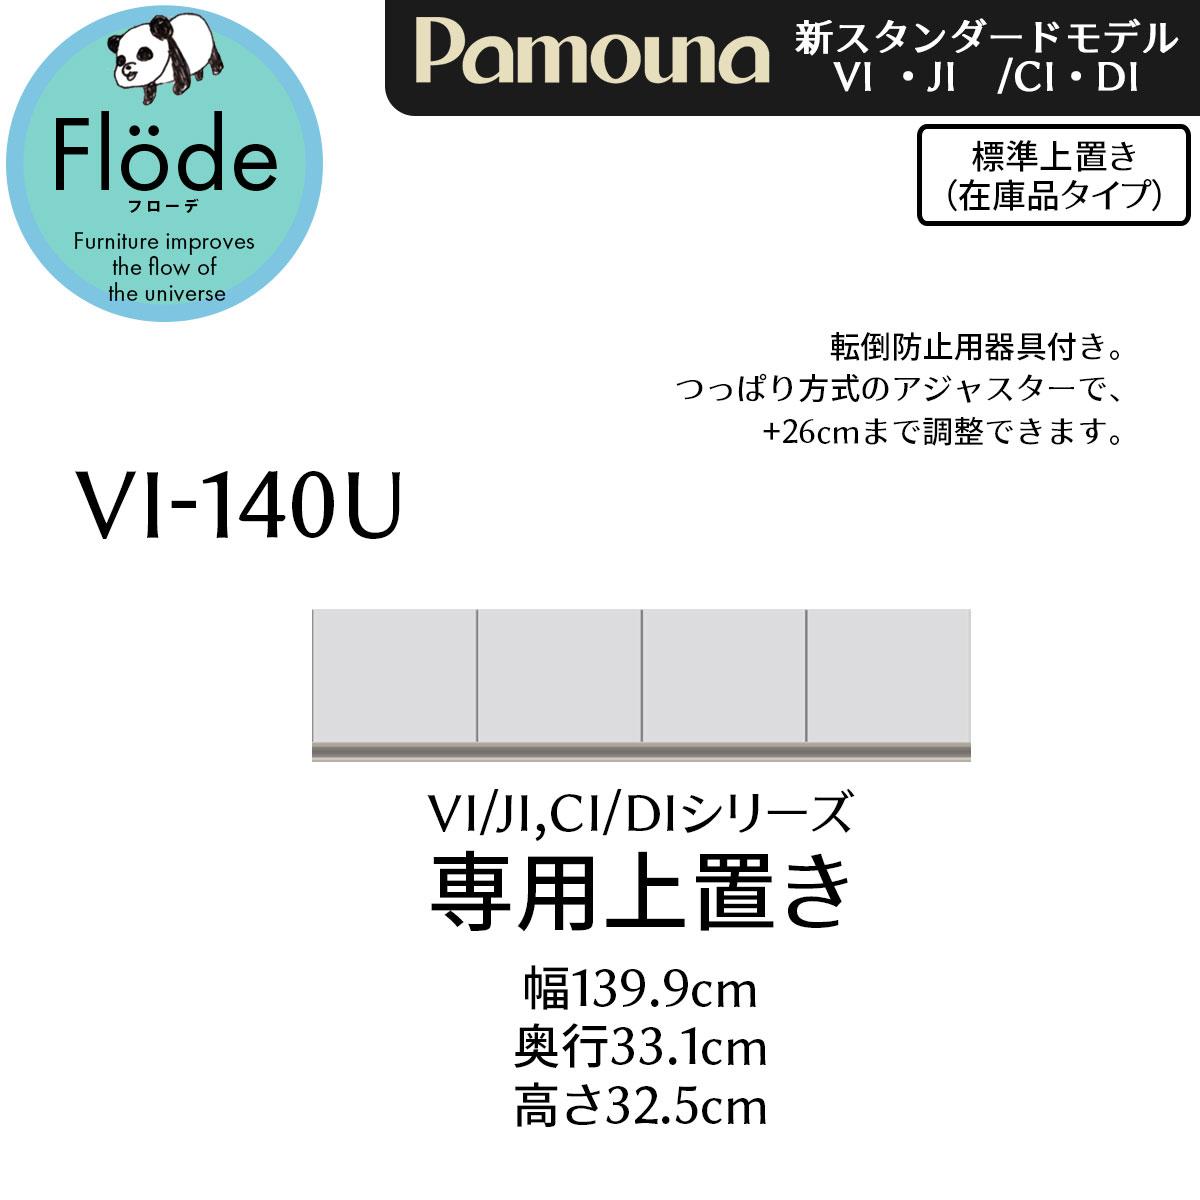 パモウナ 上置 (食器棚VI/JI CI/DI用) 【幅139.8×高さ32.5cm】 VI-140U